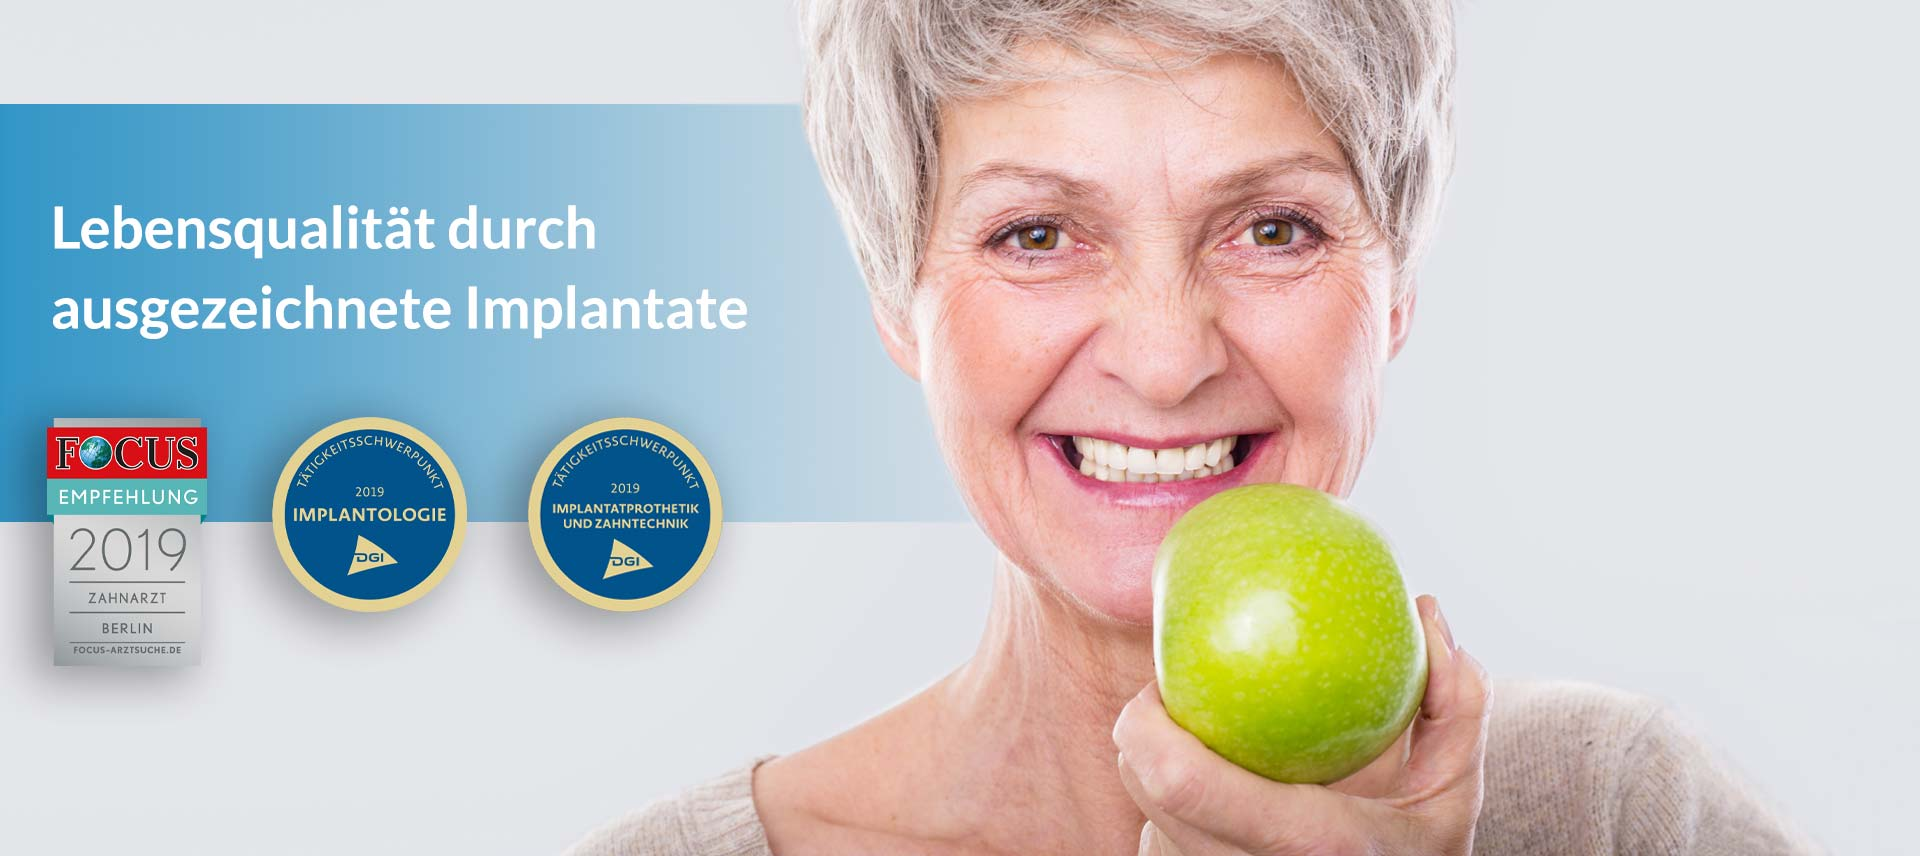 Zahnärzte-Zentrum Zehlendorfer Welle Implantate - De nouvelles dents brillantes de professionnels certifiés.